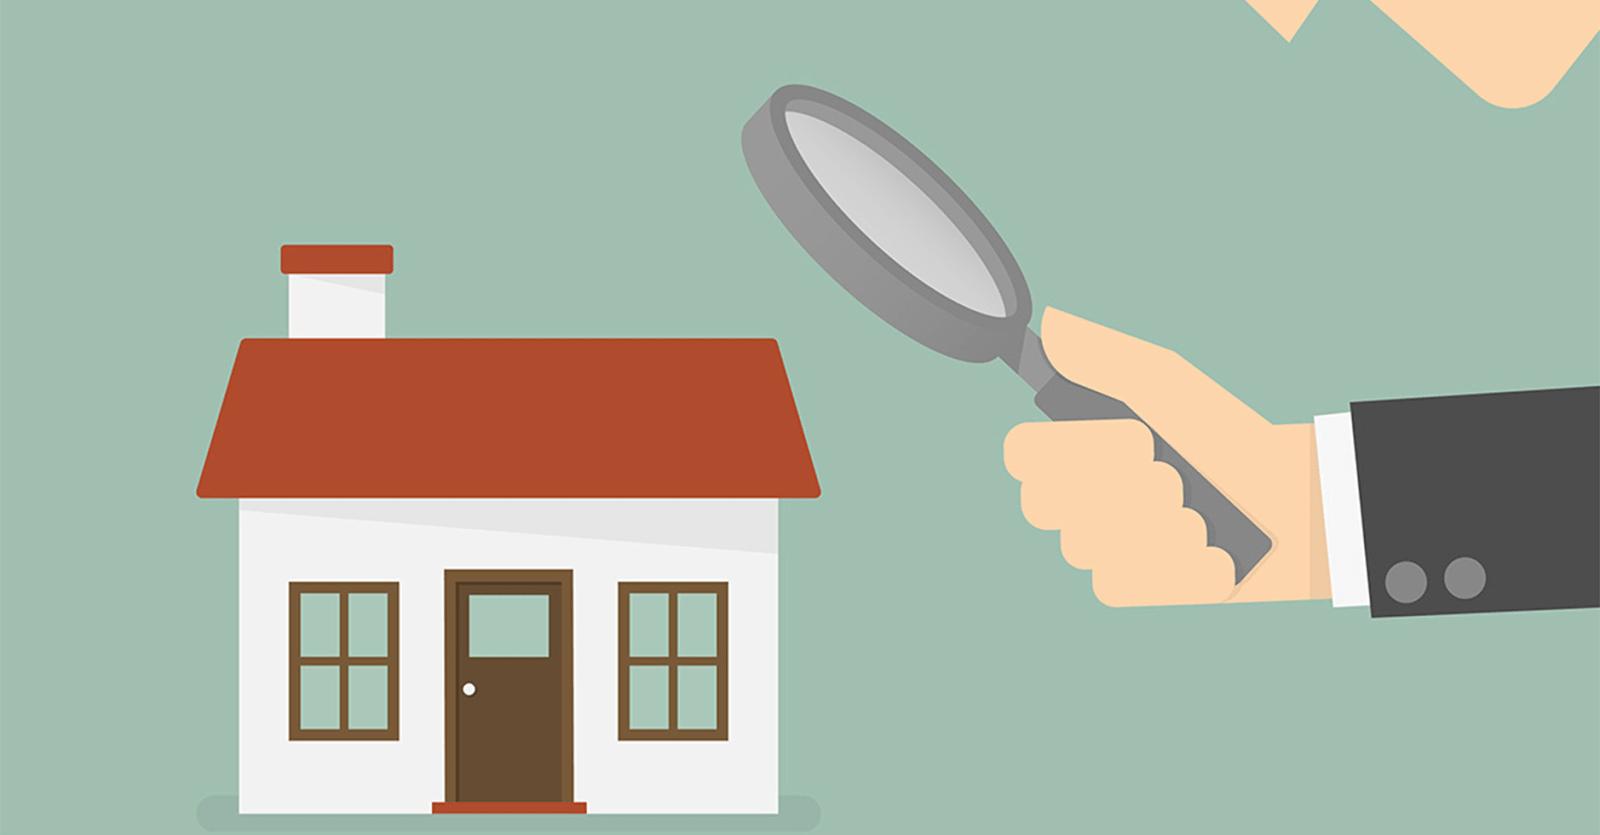 Kiểm tra vấn đề pháp lý kỹ càng khi mua nhà